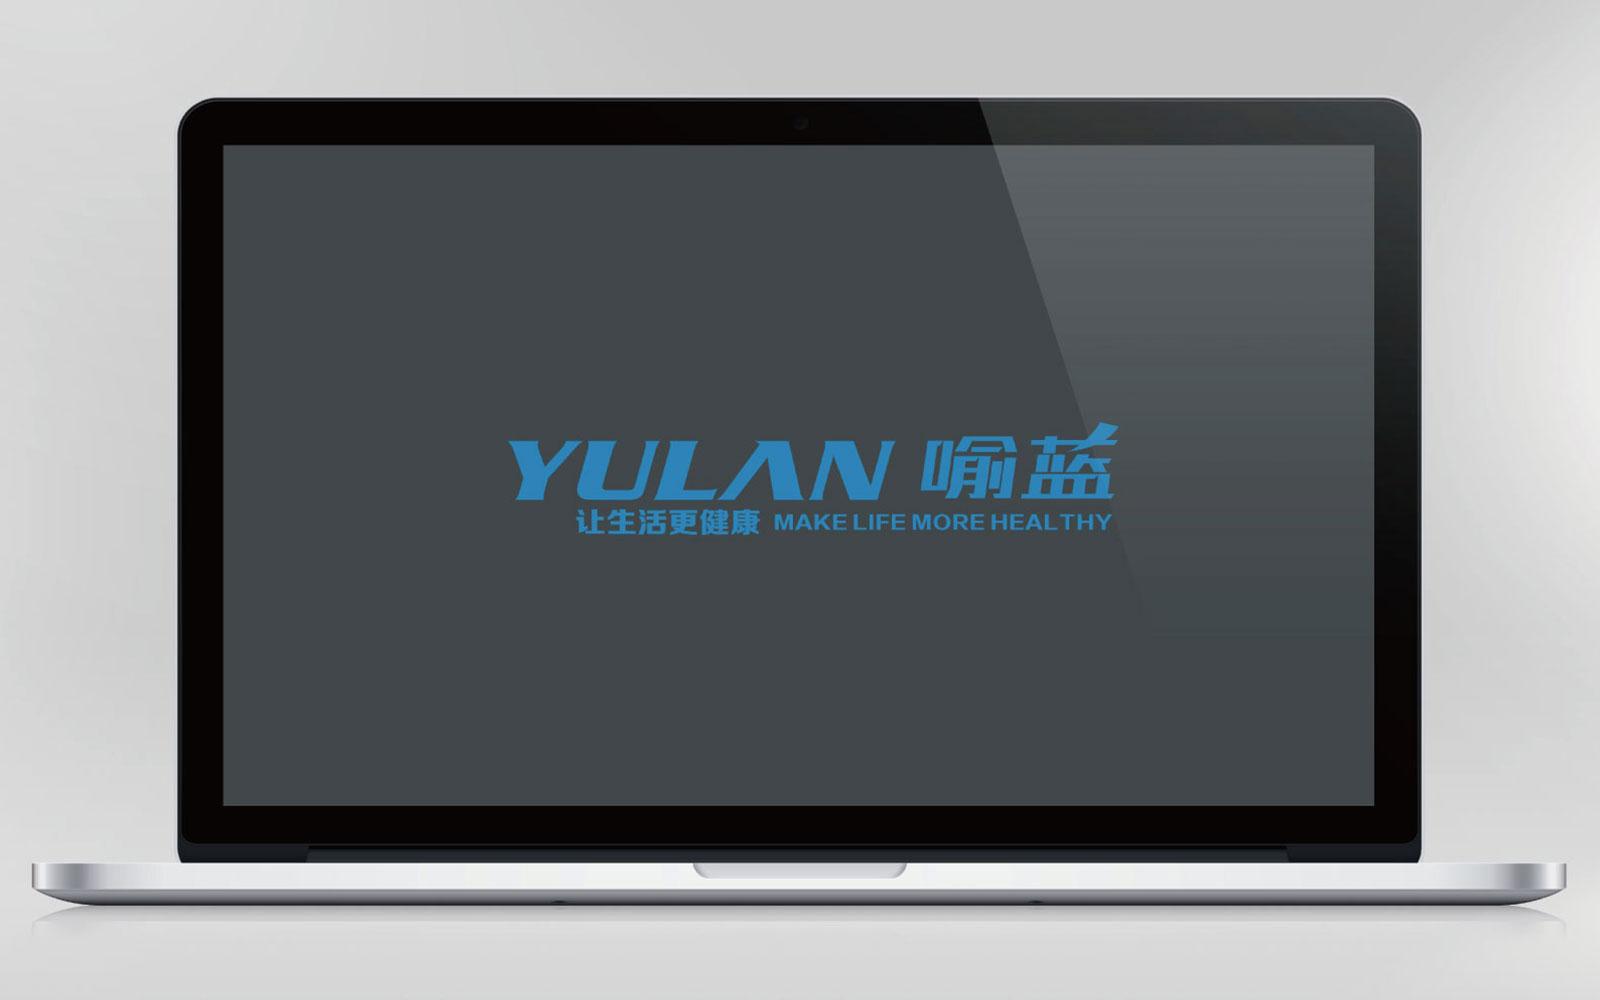 杭州哪些公司需要做标识设计?